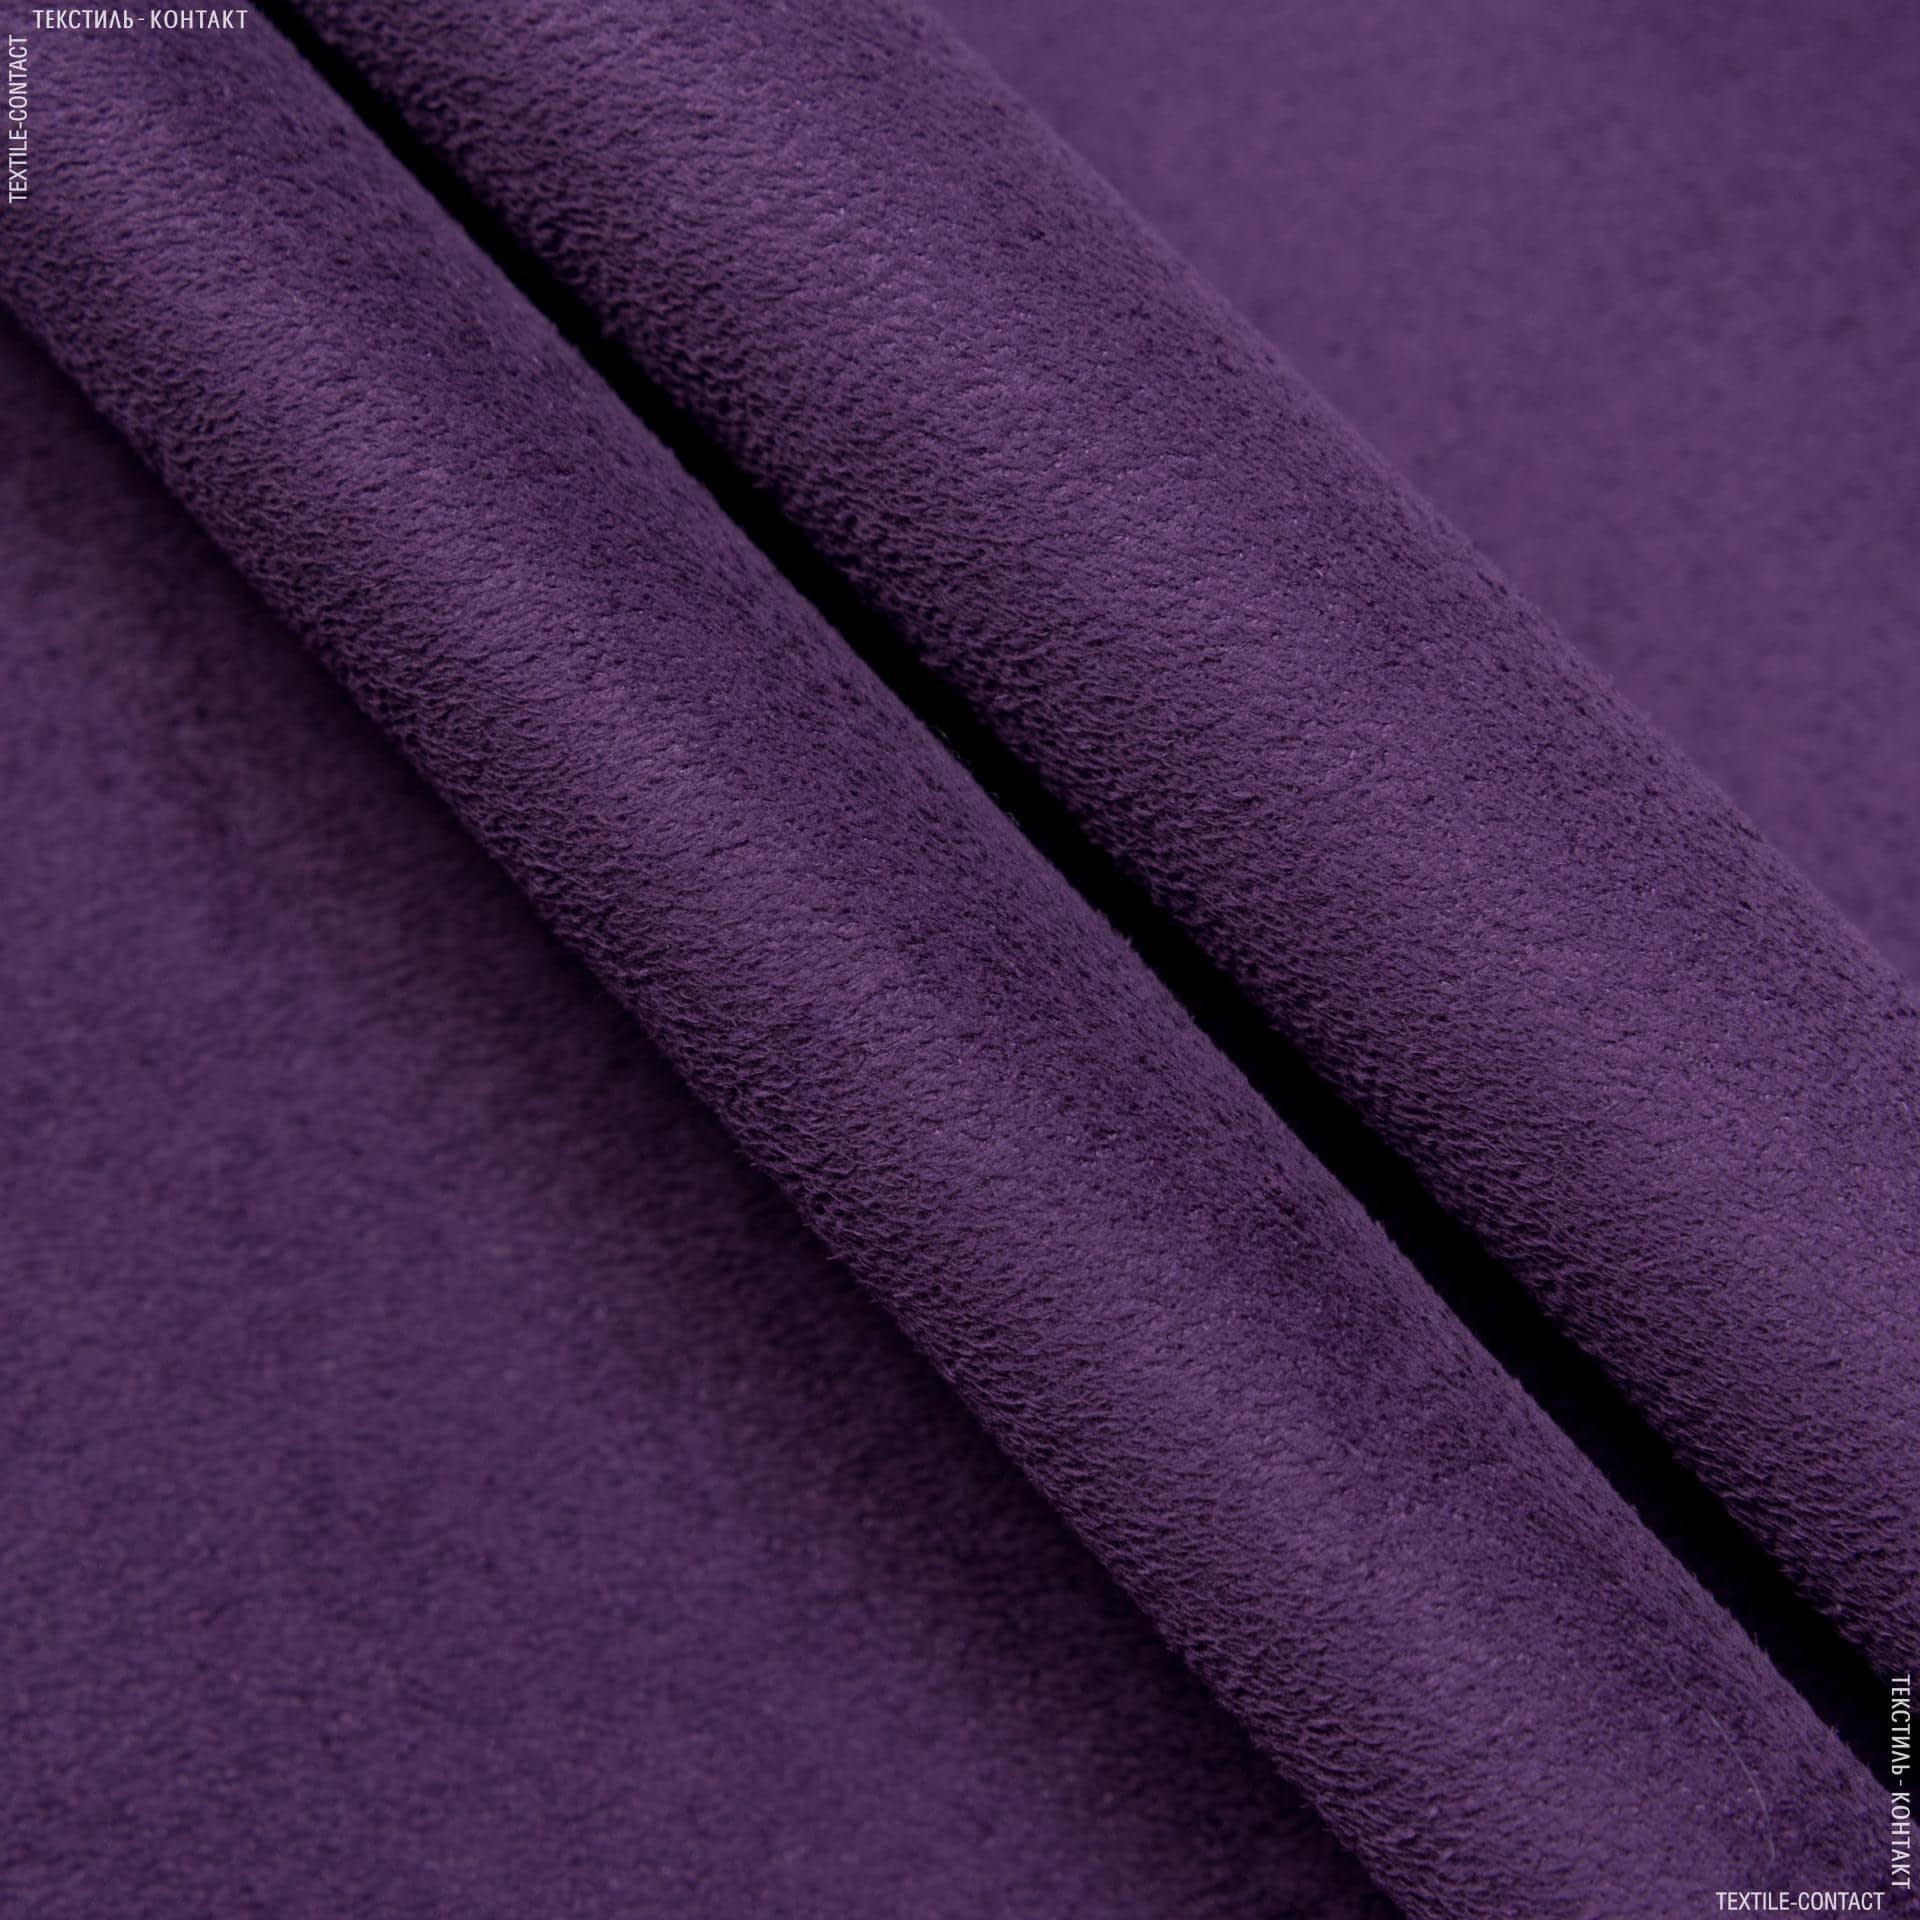 Ткани для верхней одежды - Дубленка искусственная фиолетовый